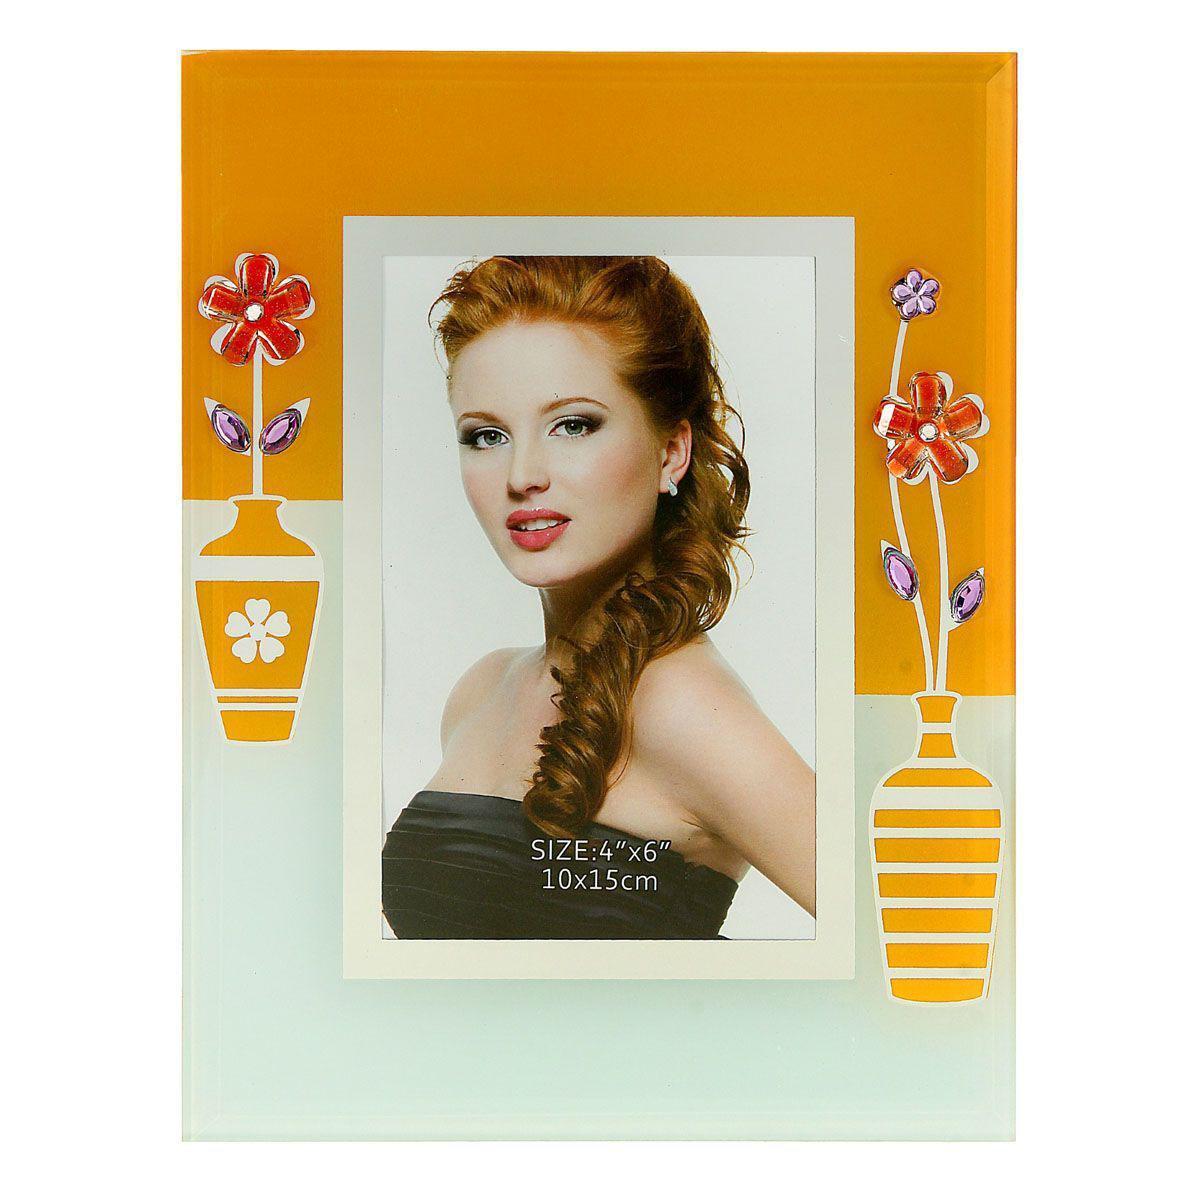 Фоторамка Sima-land Оранжевые вазы с цветами, цвет: оранжевый, белый, 10 см х 15 см845867Декоративная фоторамка Sima-land Оранжевые вазы с цветами выполнена из стекла и декорирована изображениями вазочек с цветами, а также украшена стразами. Обратная сторона рамки оснащена специальной ножкой, благодаря которой ее можно поставить на стол или любое другое место в доме или офисе. Такая фоторамка украсит ваш интерьер оригинальным образом, а также позволит сохранить память о дорогих вам людях и интересных событиях вашей жизни. С ней вы сможете не просто внести в интерьер своего дома элемент оригинальности, но и создать атмосферу загадочности и изысканности.